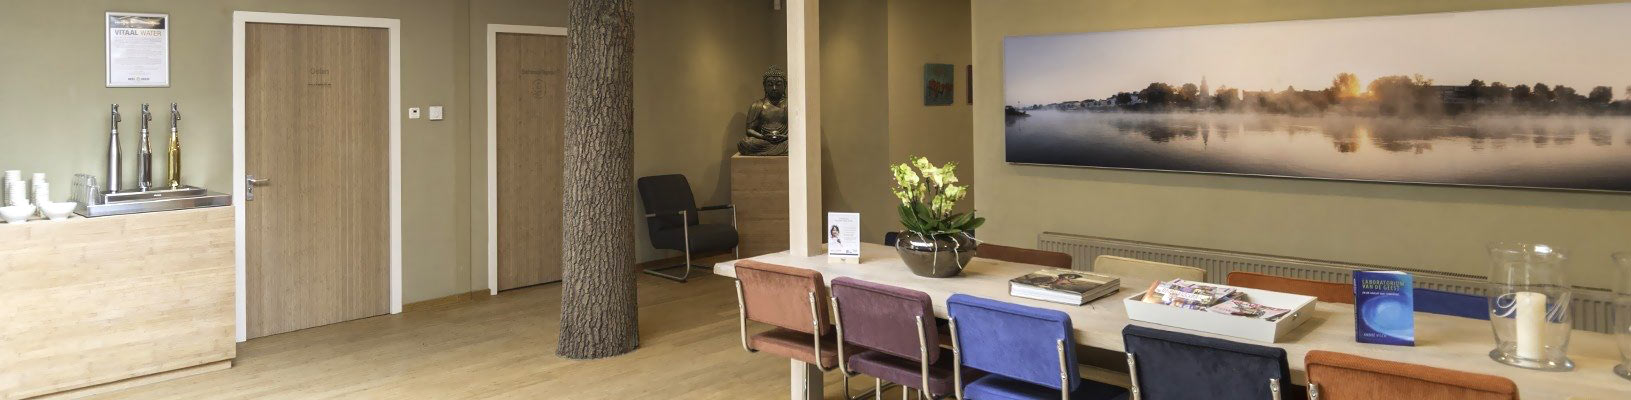 Het HeelHuus HeelHuus Gezondheidscentrum Warnsveld Zutphen